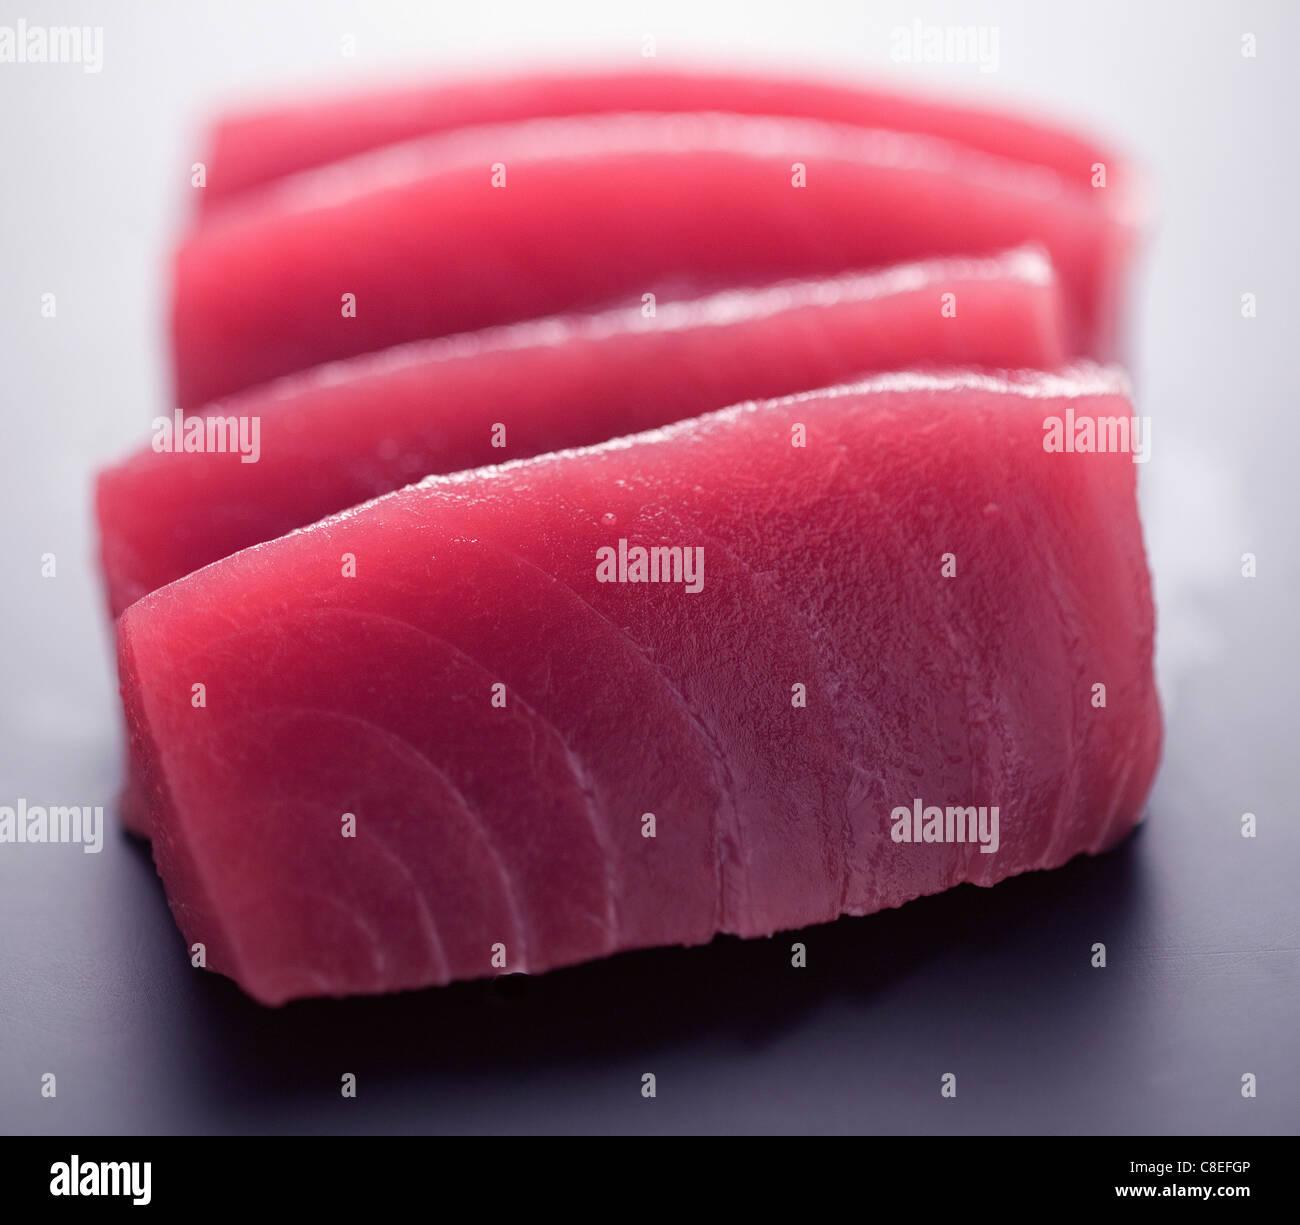 Sashimis de atún rojo Imagen De Stock